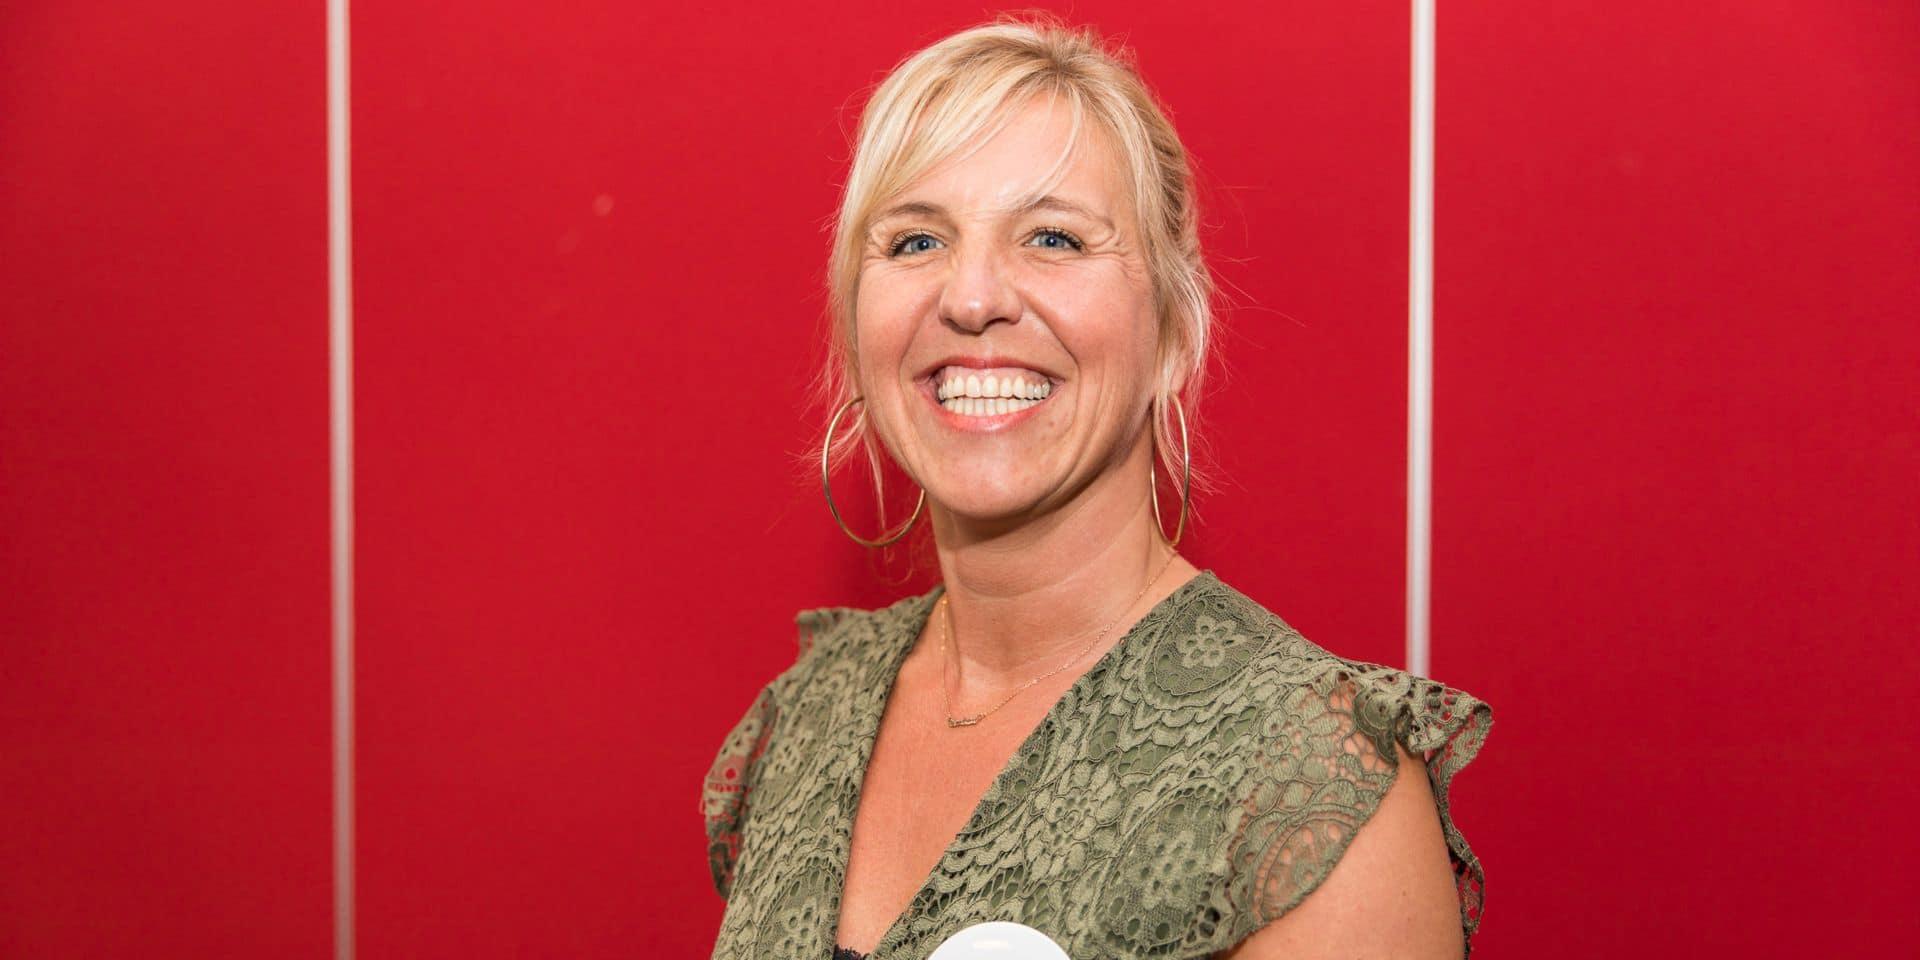 Crise politique à Verviers : Sophie Lambert reste également fidèle au PS